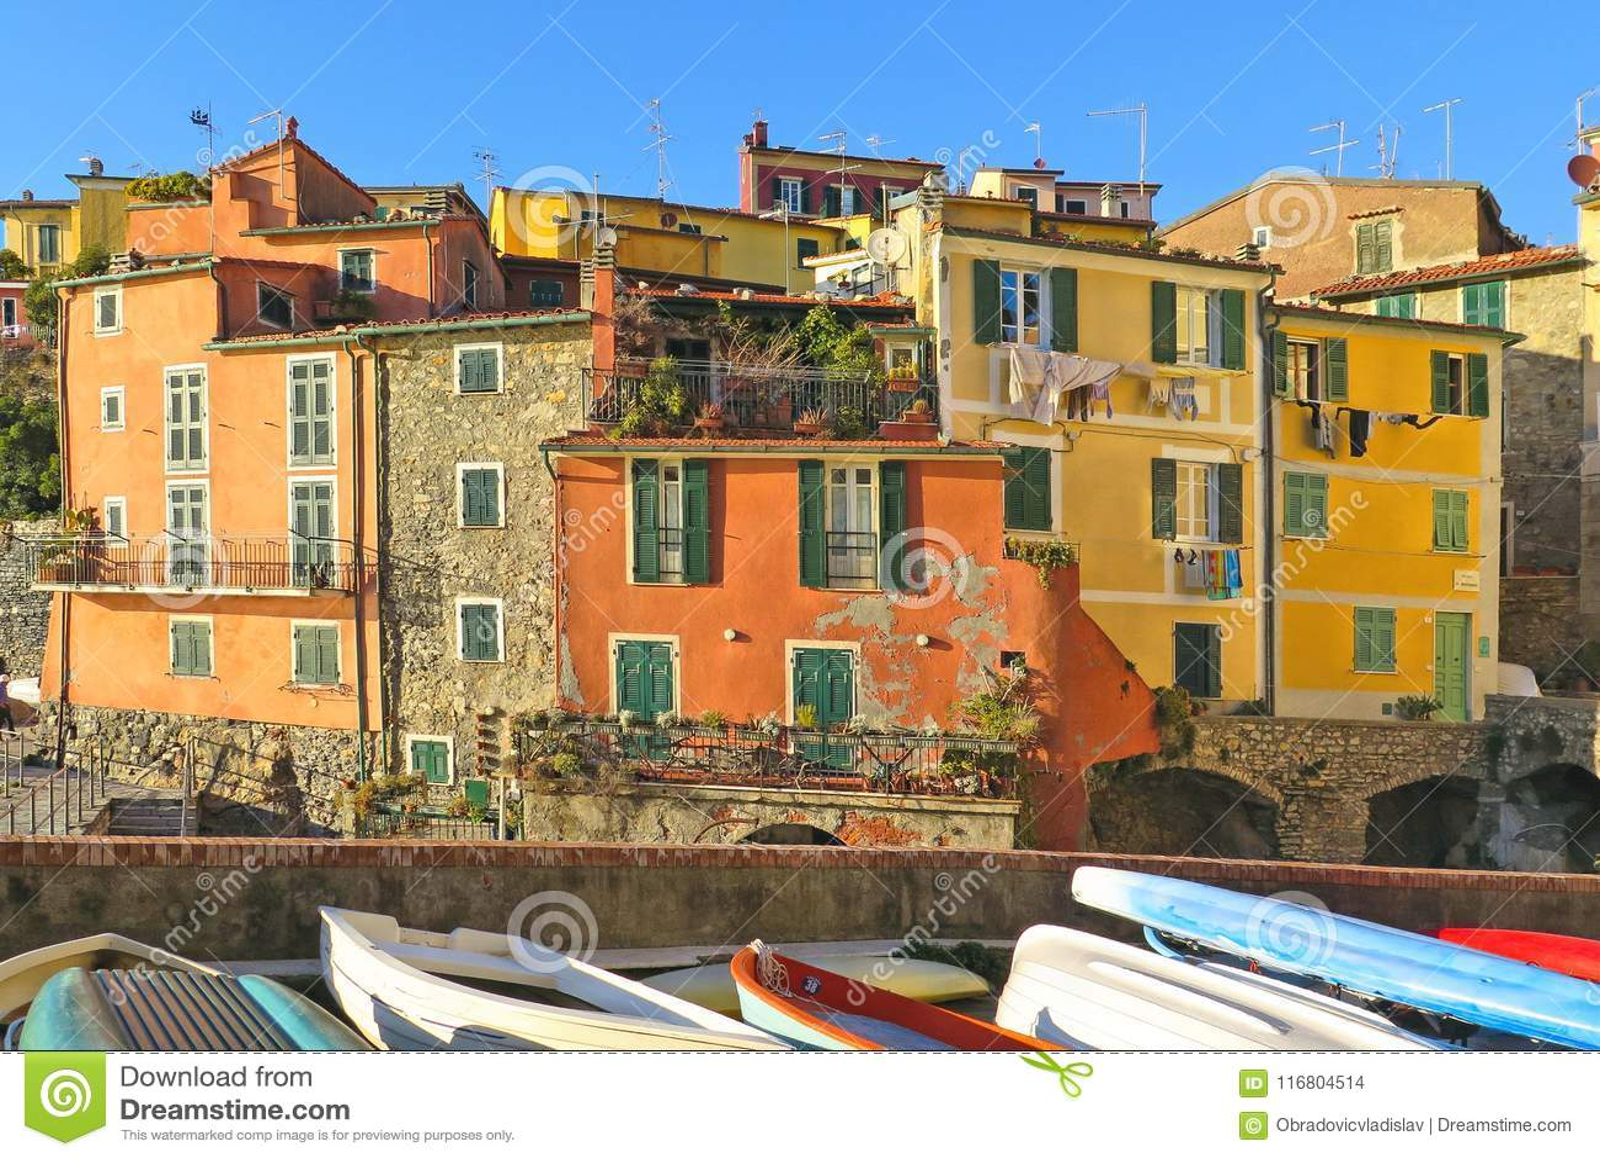 Case variopinte e vecchia facciata in piccolo villaggio Tellaro in Liguria, Italia